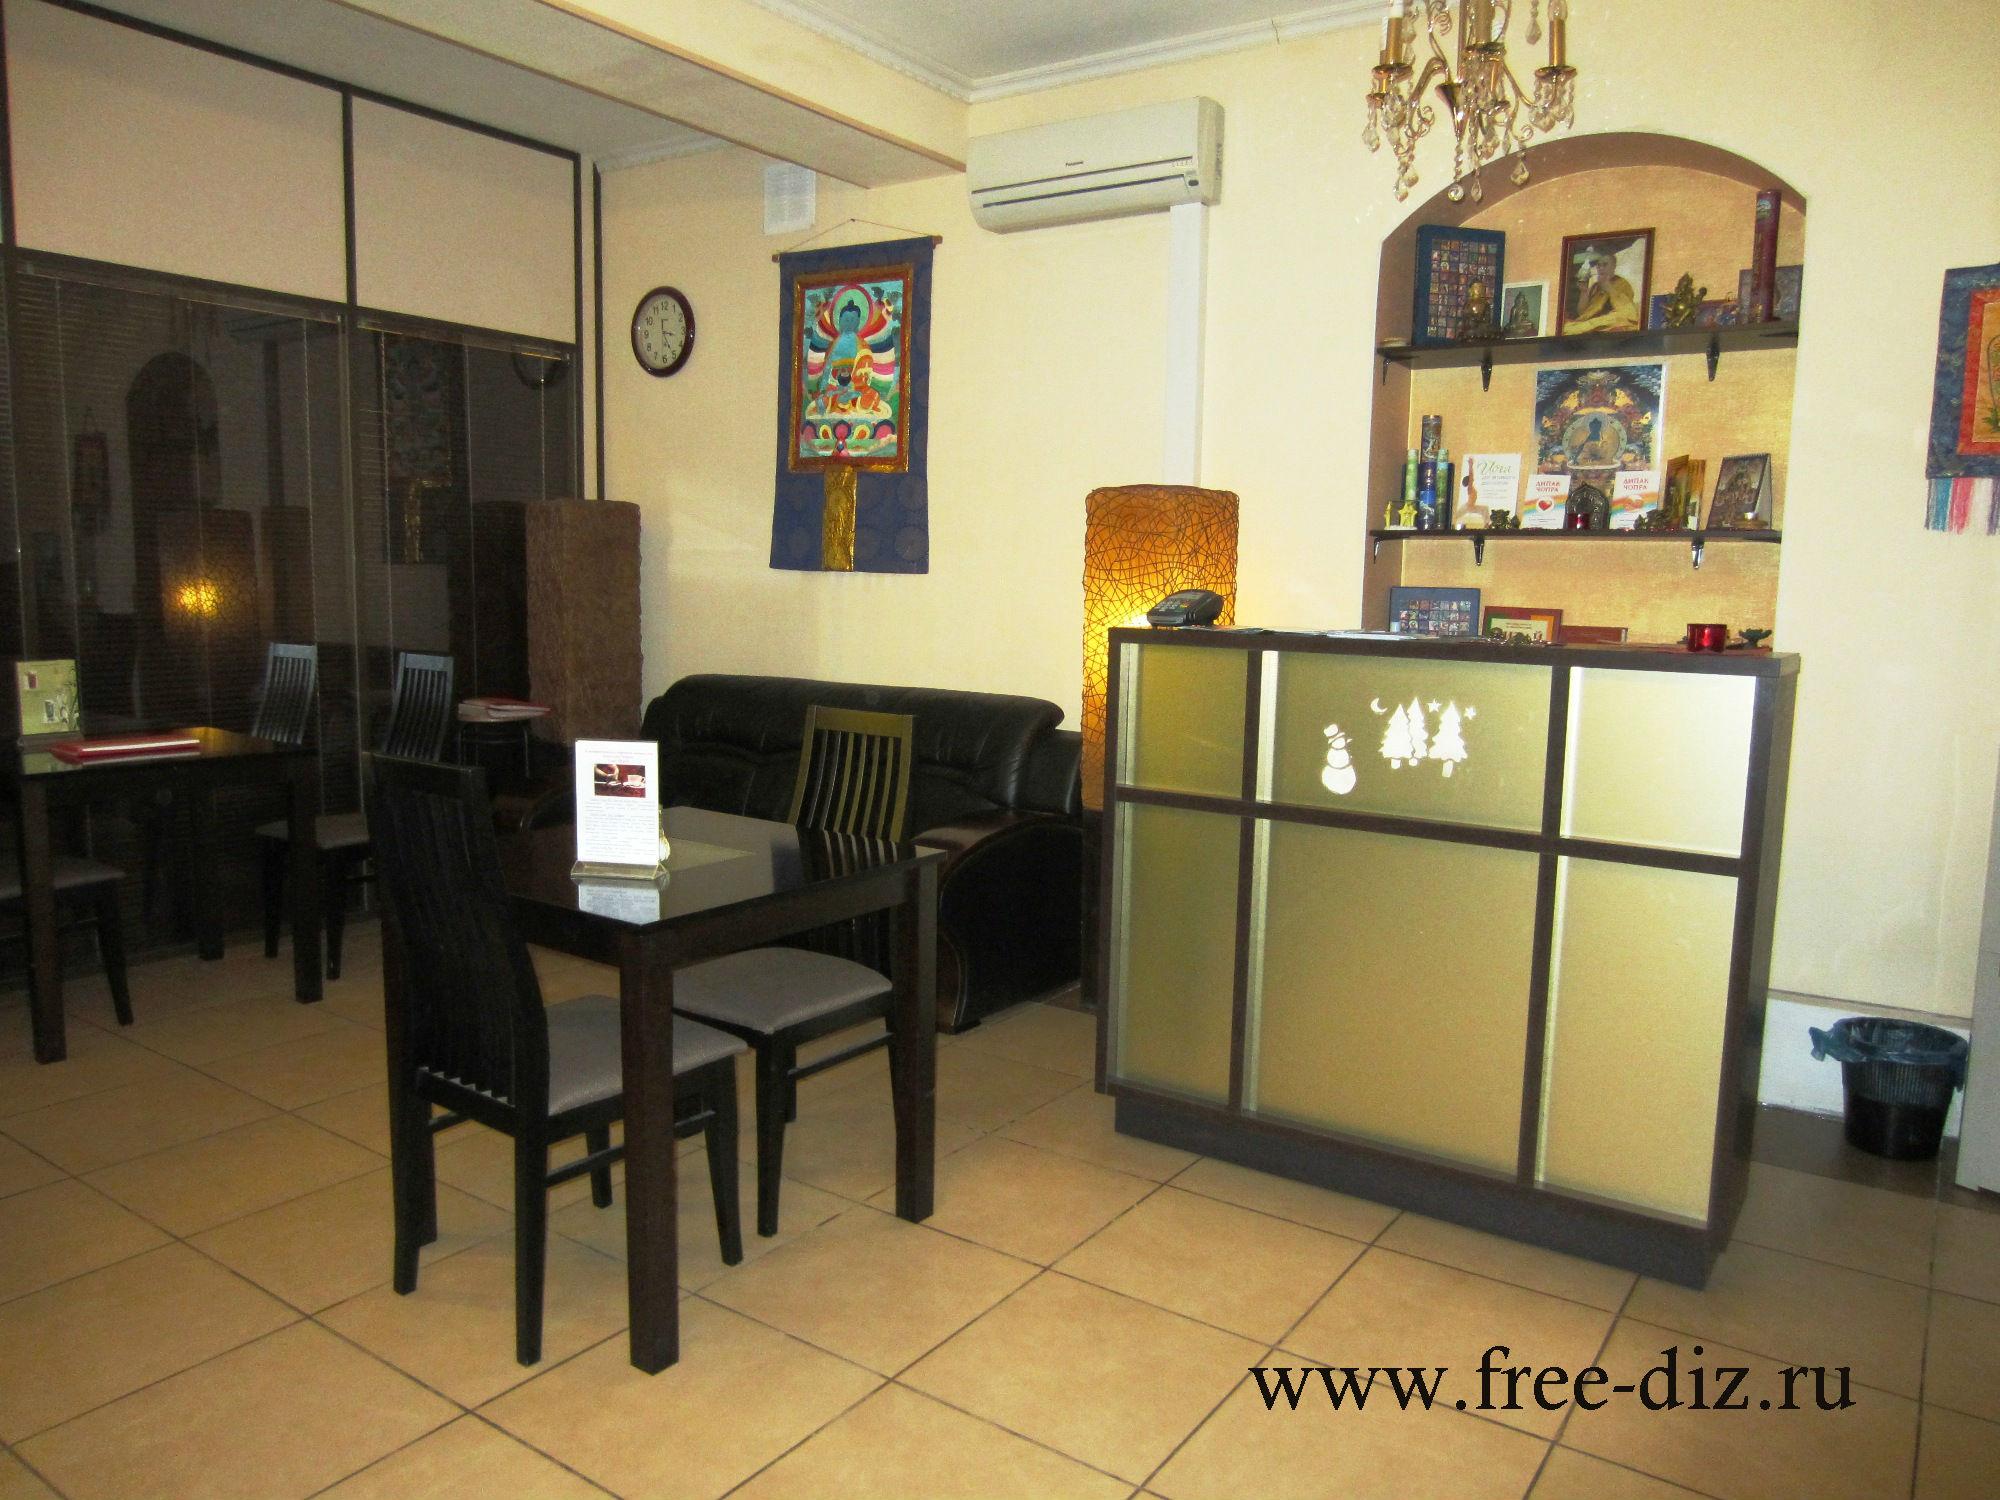 мебель для медицинской клиники